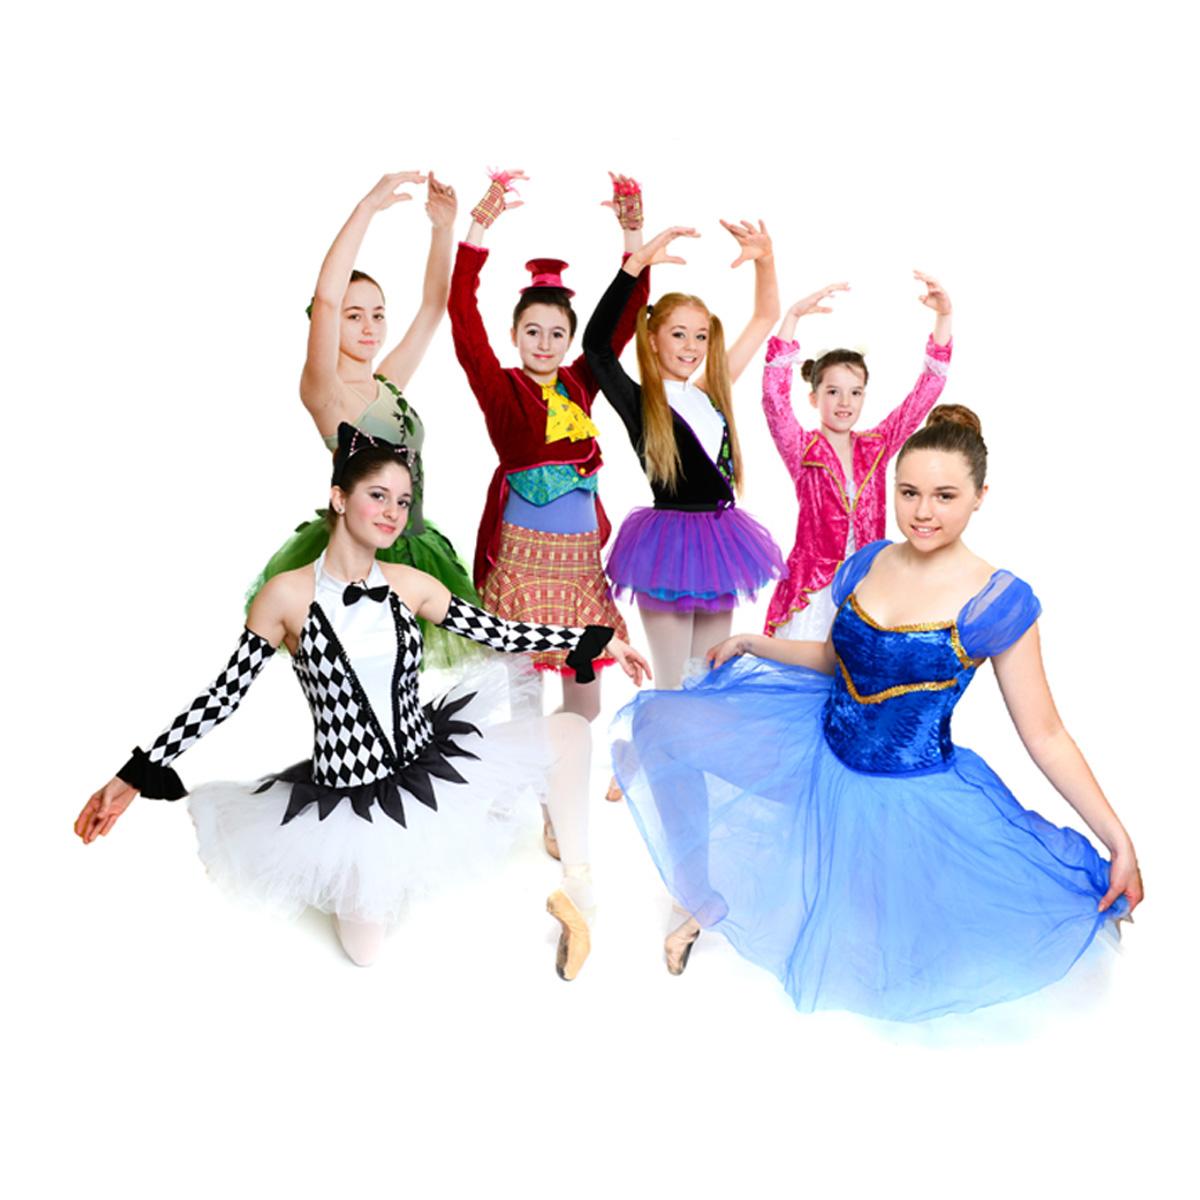 ballet photography dublin